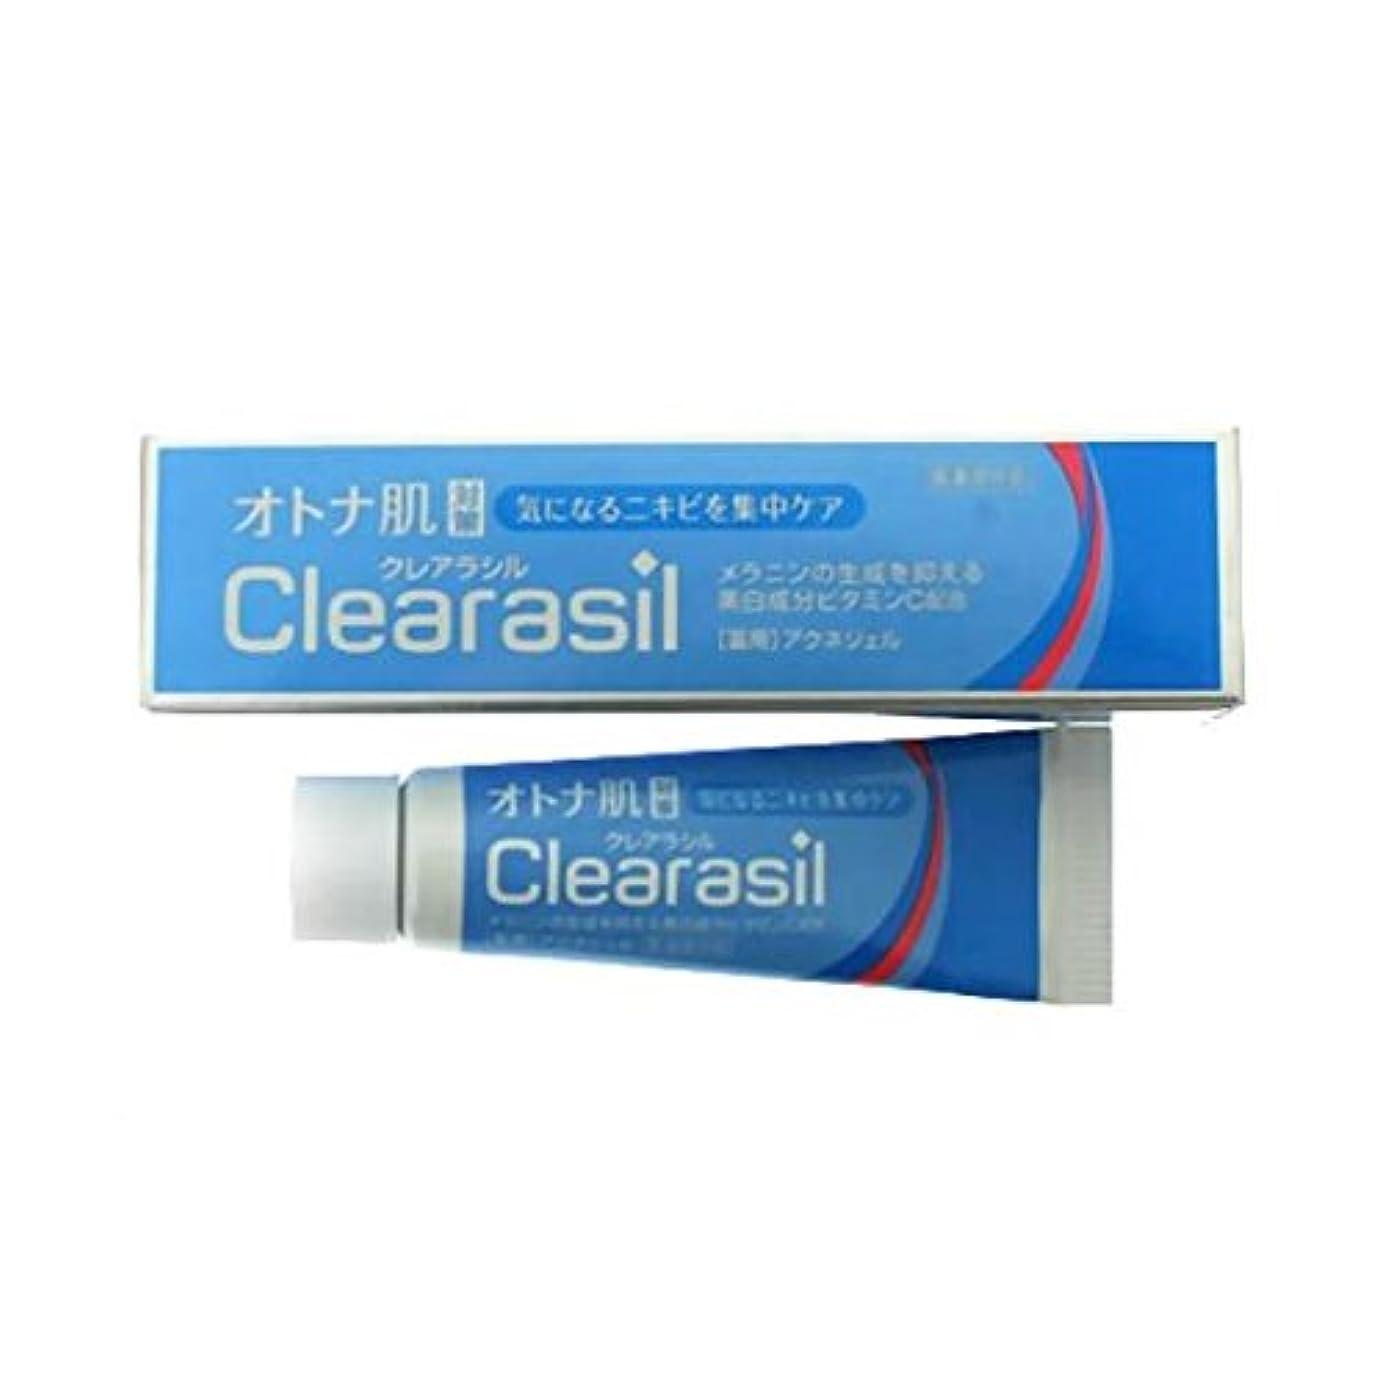 ヒープ緩やかなコジオスコオトナ肌対策クレアラシル 薬用アクネジェル(14g) ×2セット